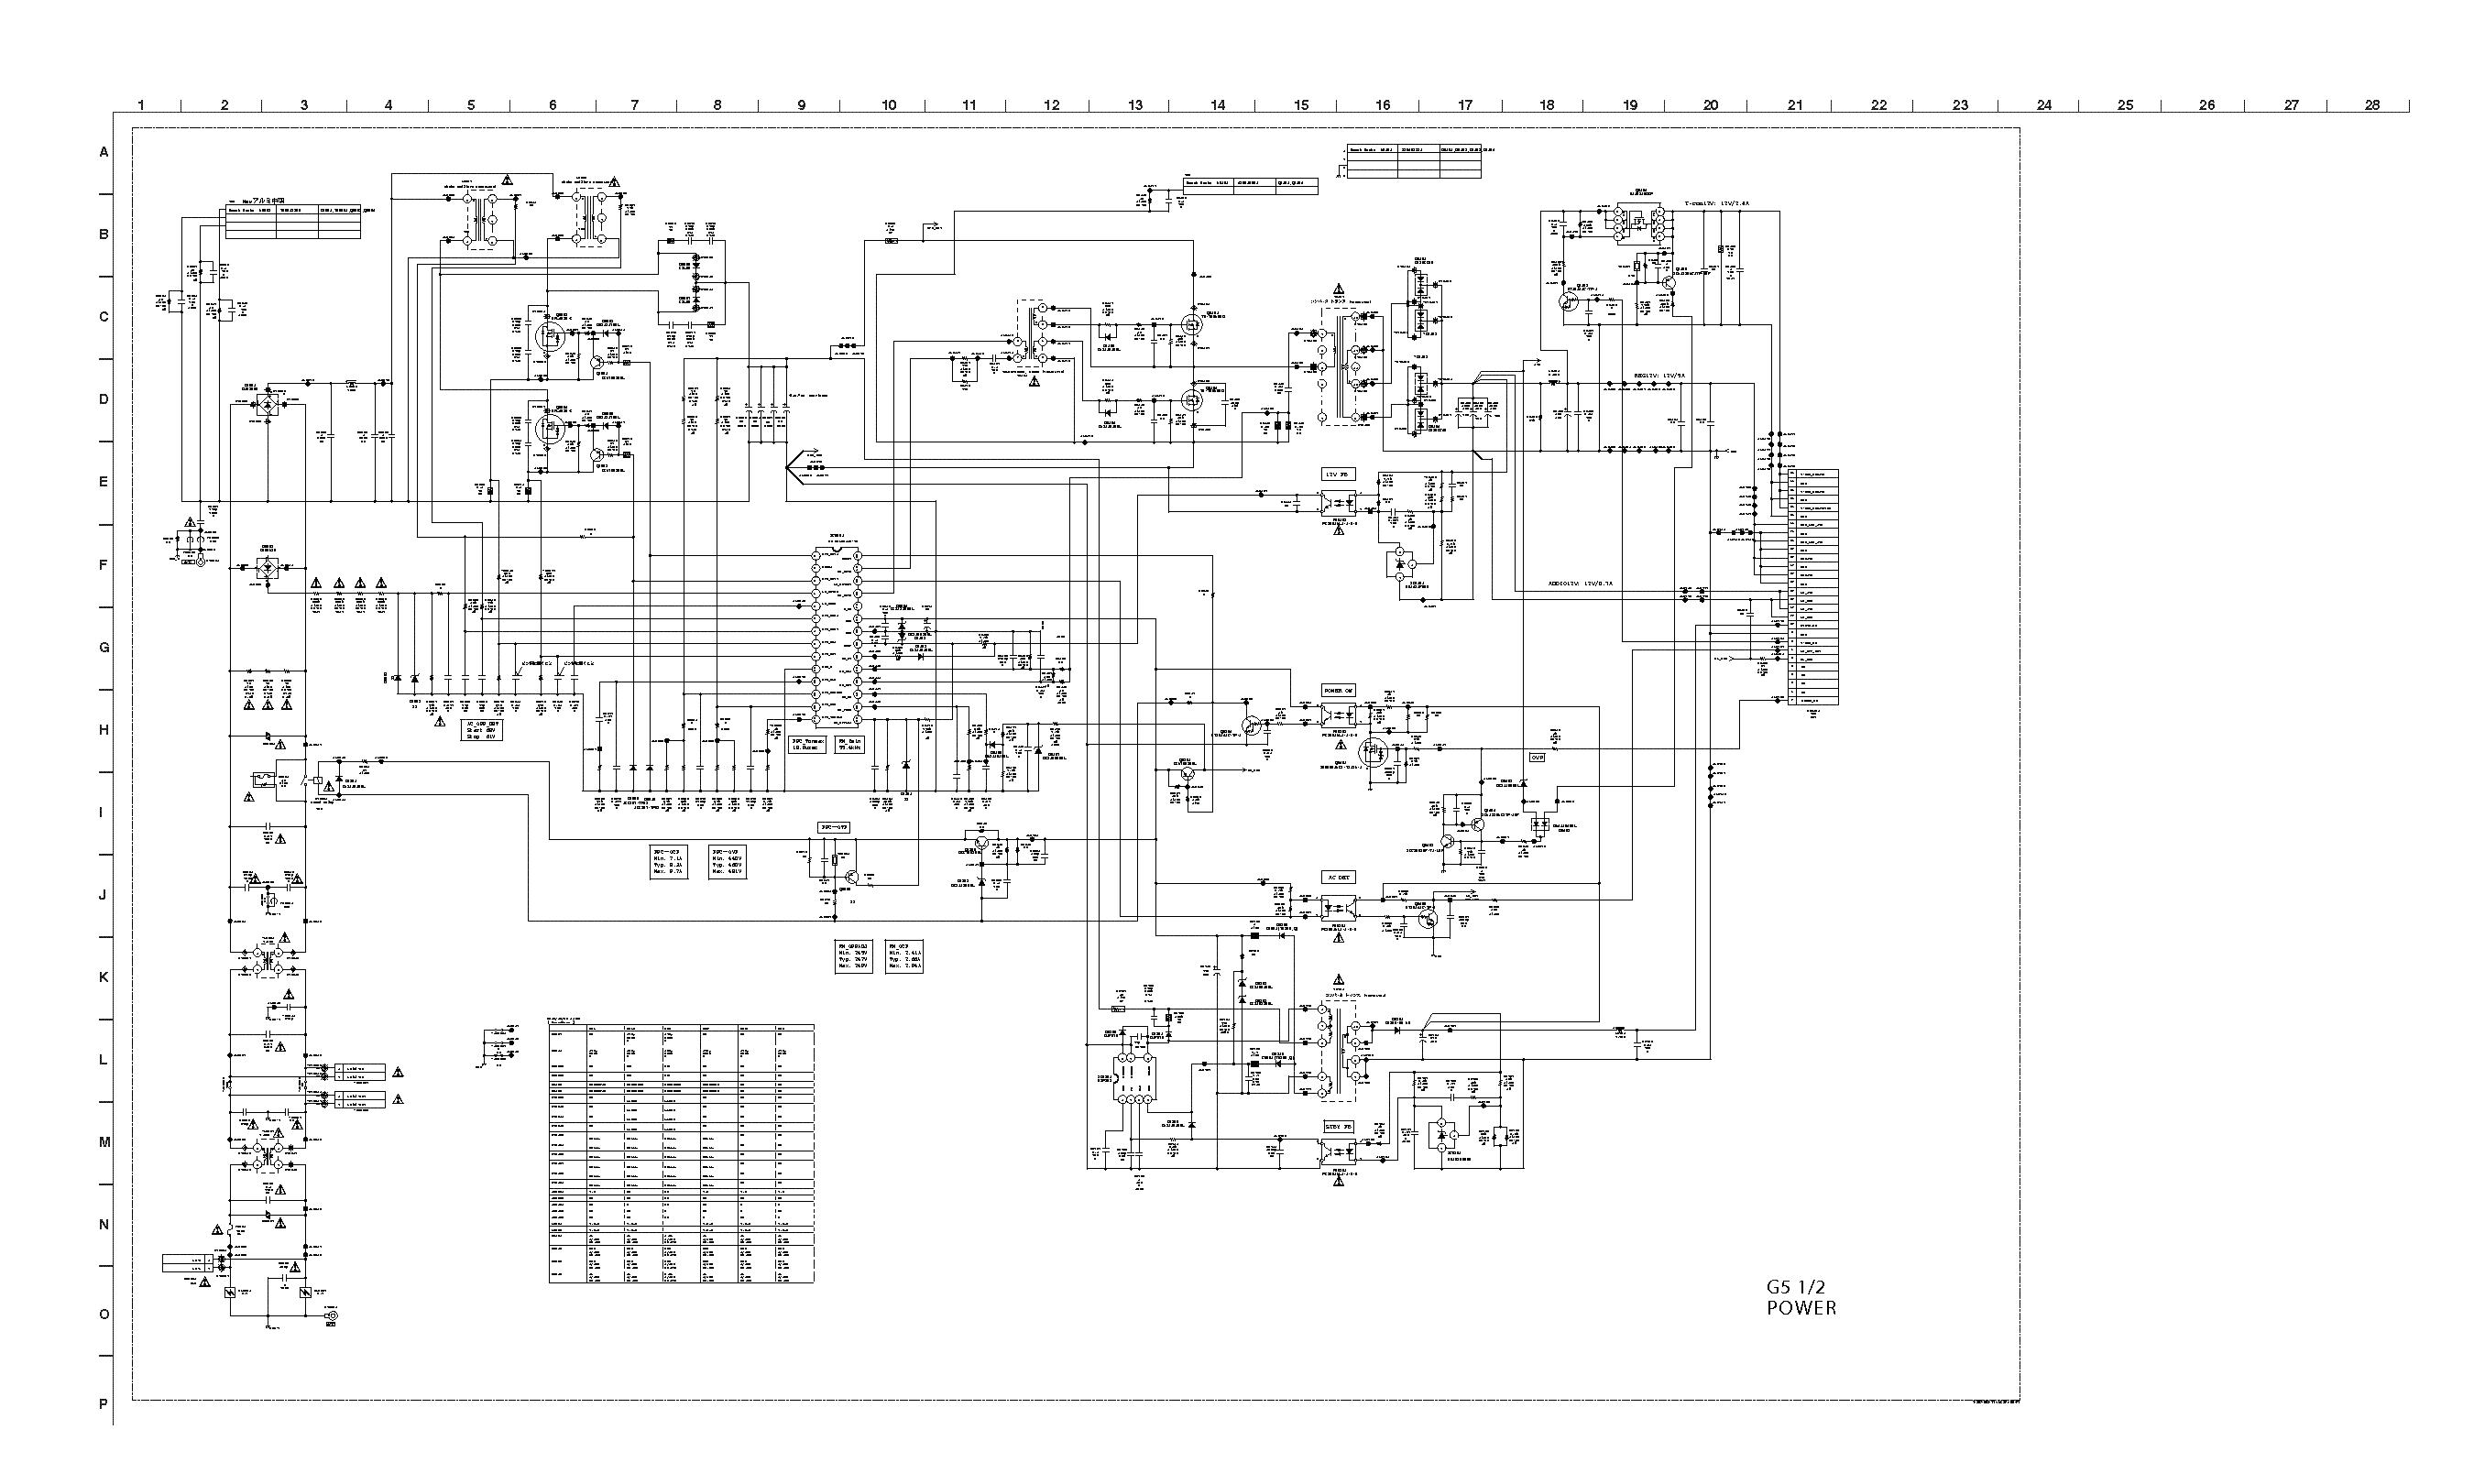 sony bravia kdl 32v5500 manual